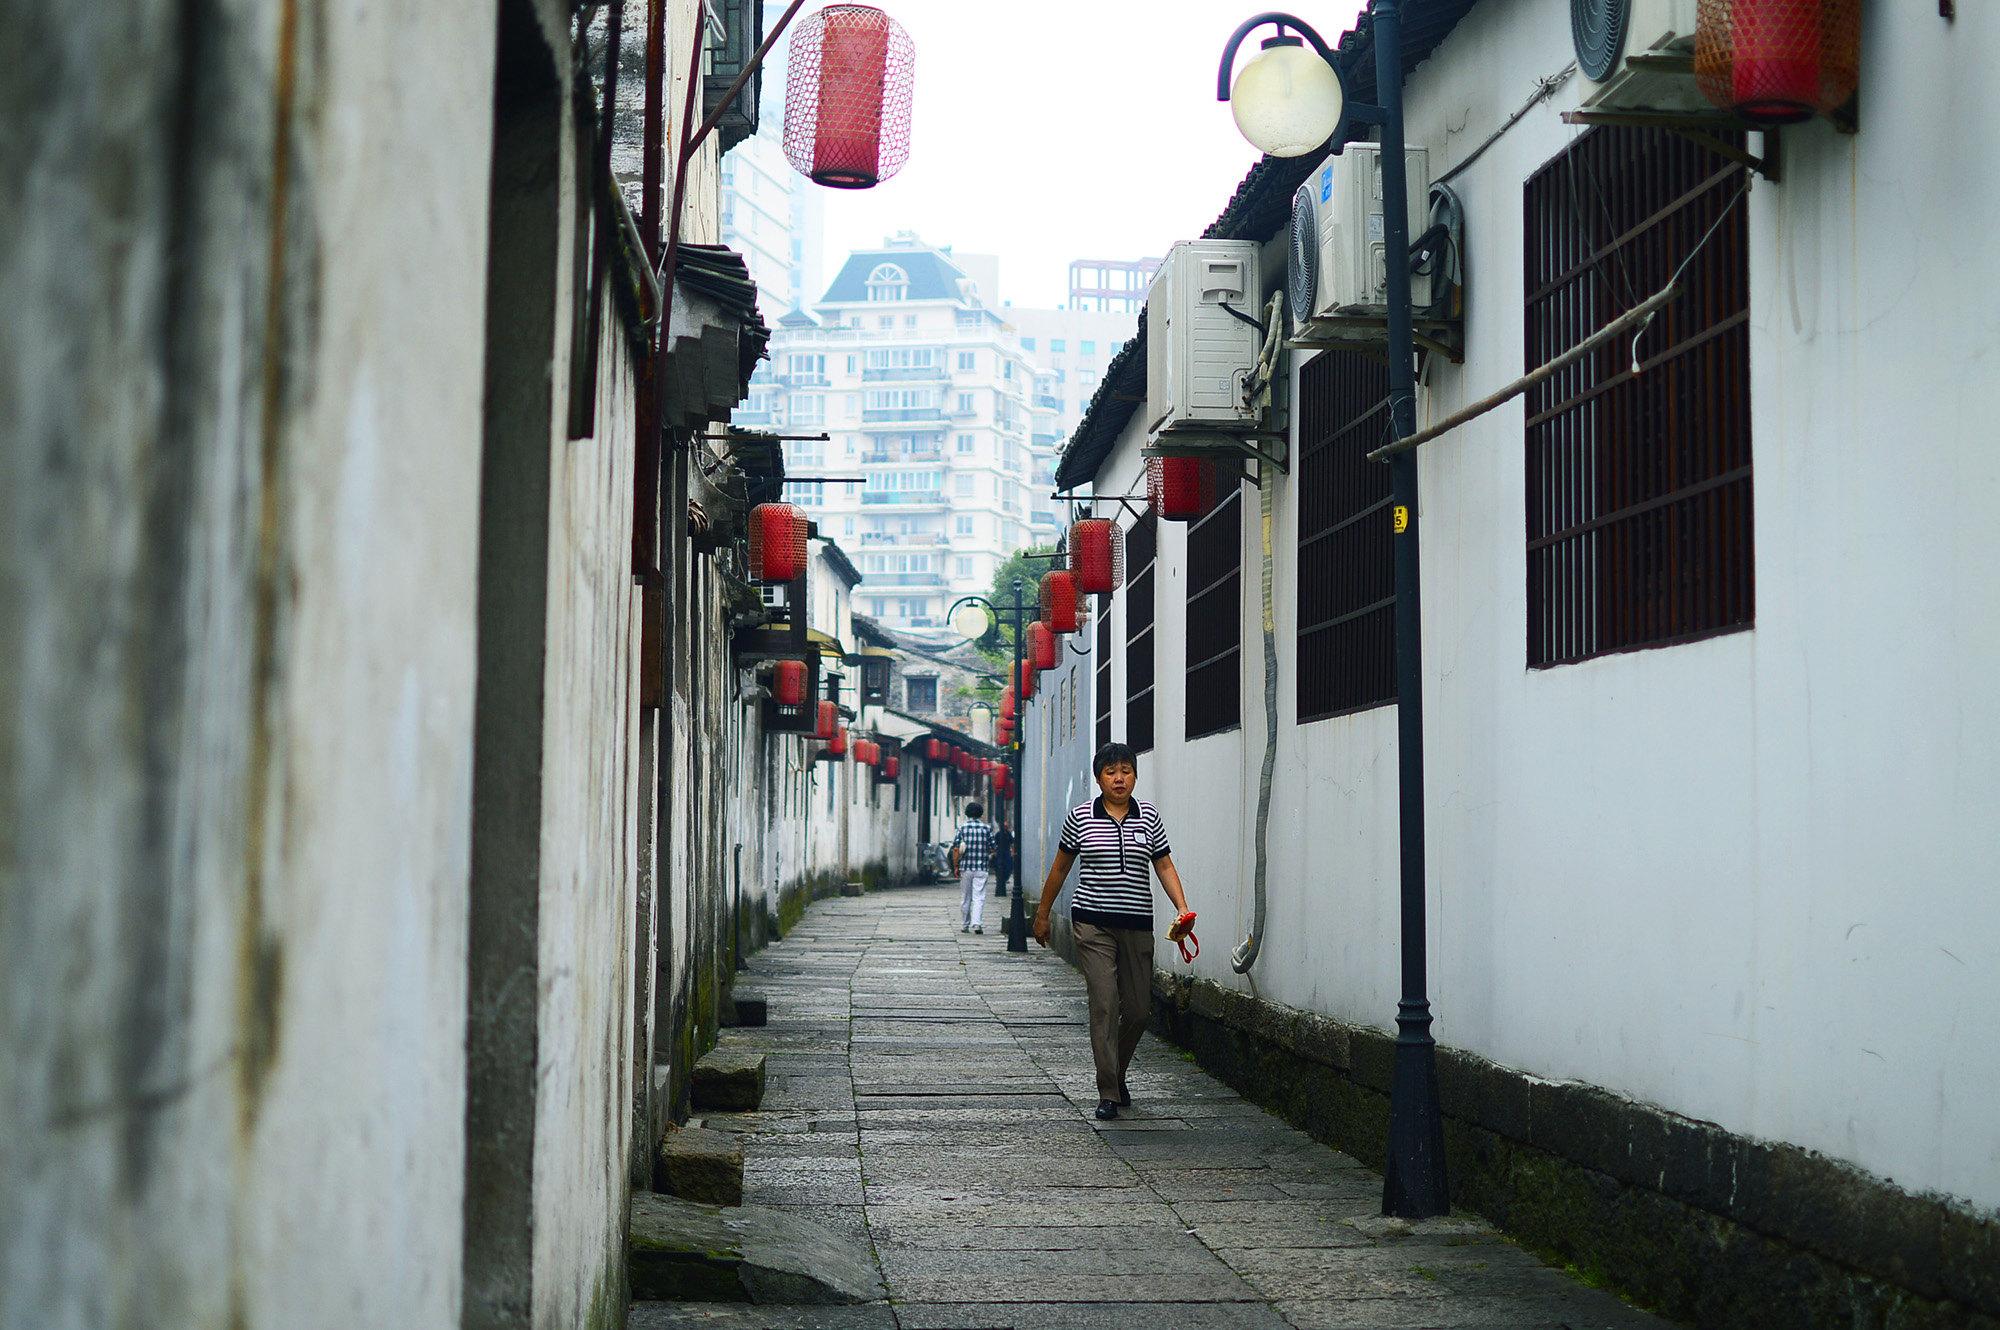 【前言】 绍兴,相信近些年出生的多数中国人对它的印象来自于鲁迅先生,以及他的《从百草园到三味书屋》《社戏》等。在我的观念中,绍兴江南水乡的形象似乎因为它的邻居杭州而被人们渐渐淡化了,去了才知道简直不要太江南!喜欢江南风光的同志们一定不要错过,比之一些古镇的商业化,绍兴城中有些河道可以说是原汁原味的。 这次国庆之旅准备的仓促,最后在扬州和绍兴两个城市选择了距离稍近一些的绍兴市。果然一旦决定出去玩,20来个小时的硬座也变得不是太难熬了。怀着好奇和轻松的心情踏上了从广州前往绍兴的火车。 使用空闲时间,游记终于全